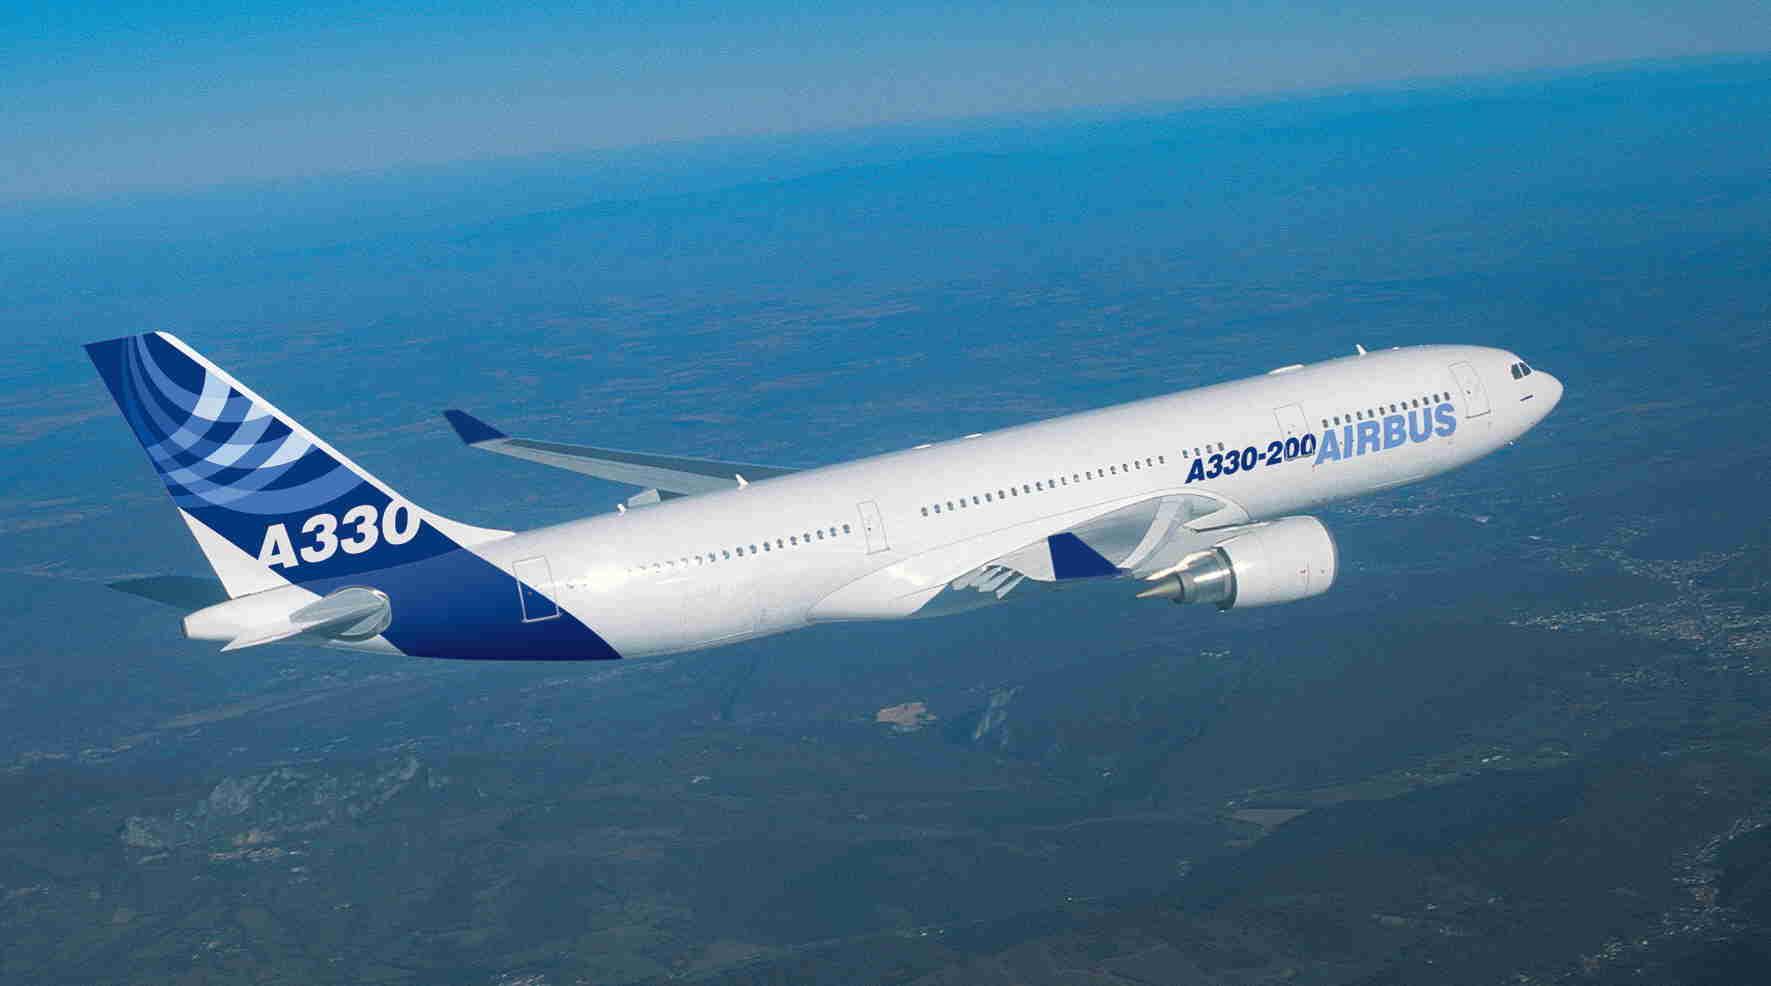 [Chiny] Chiny inwestują w europejskie Airbusy